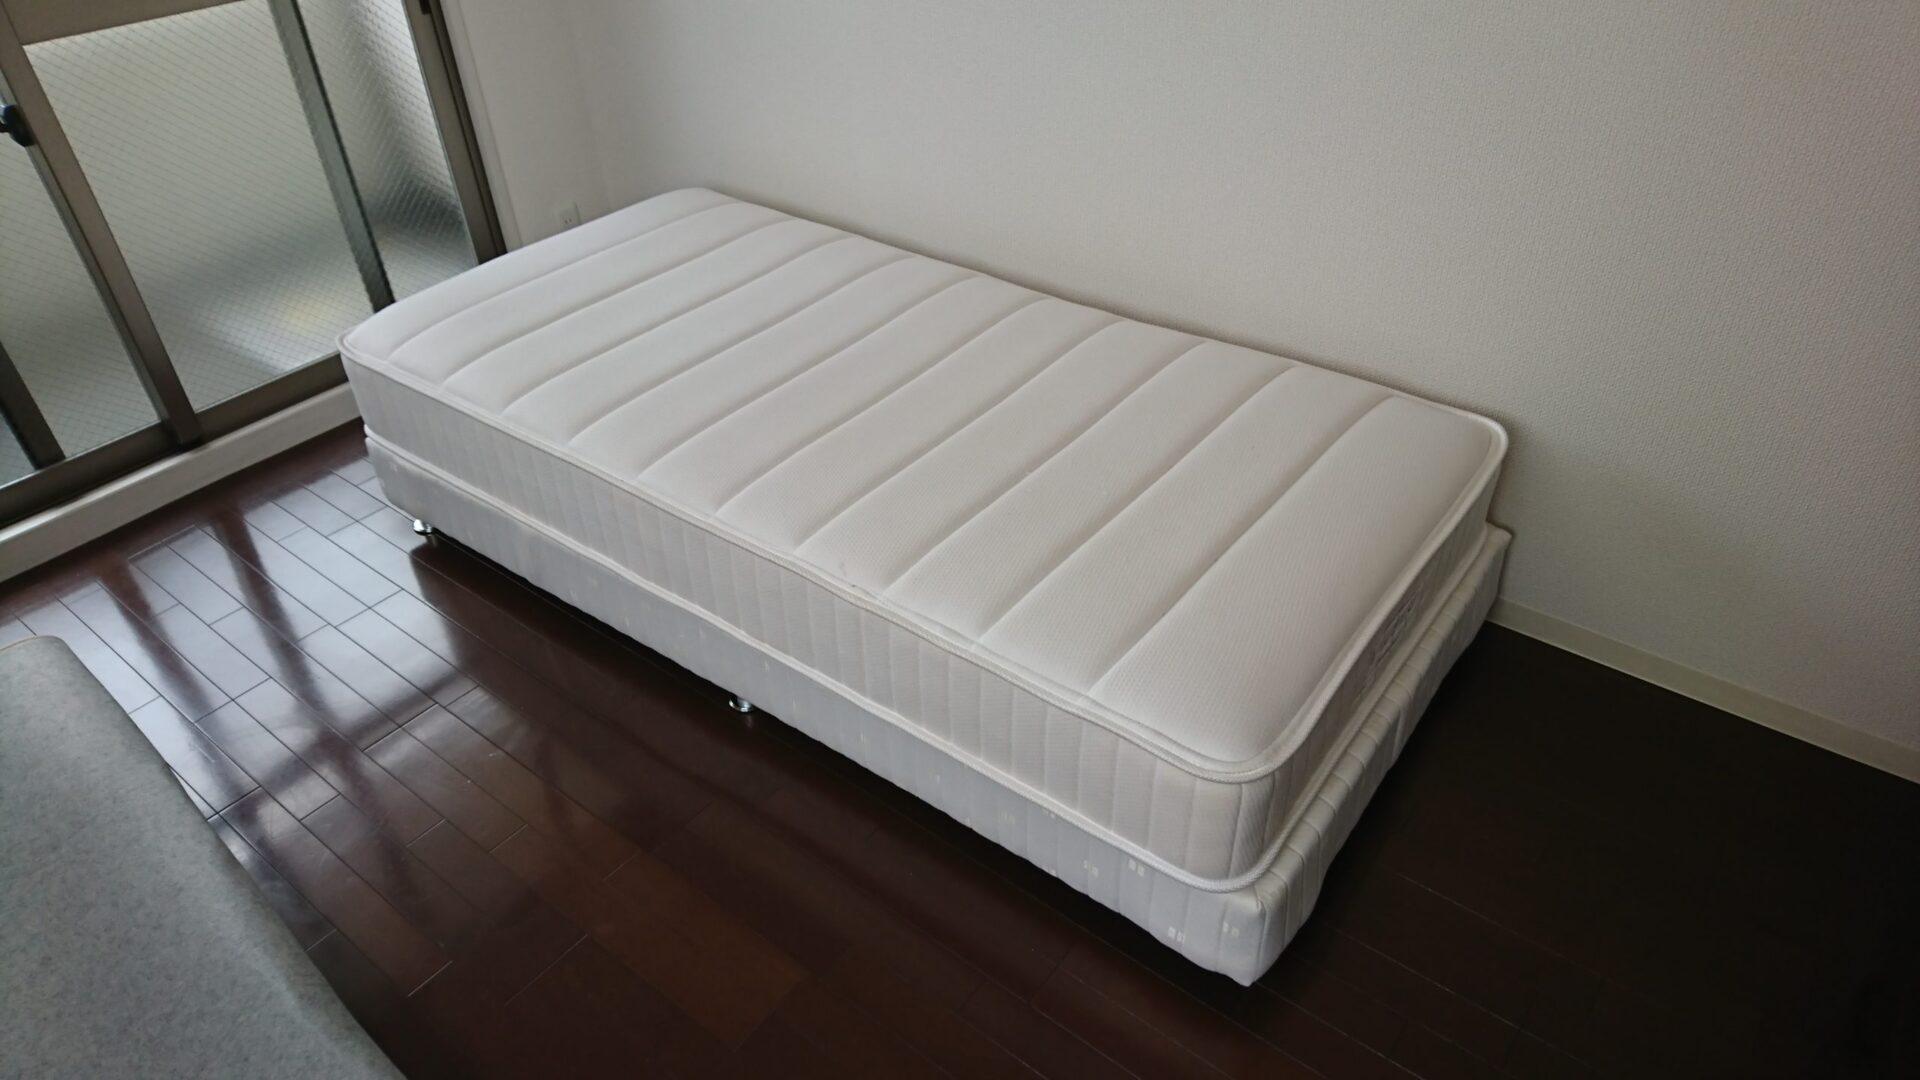 【愛知県名古屋市熱田区】シングルベッドの出張回収